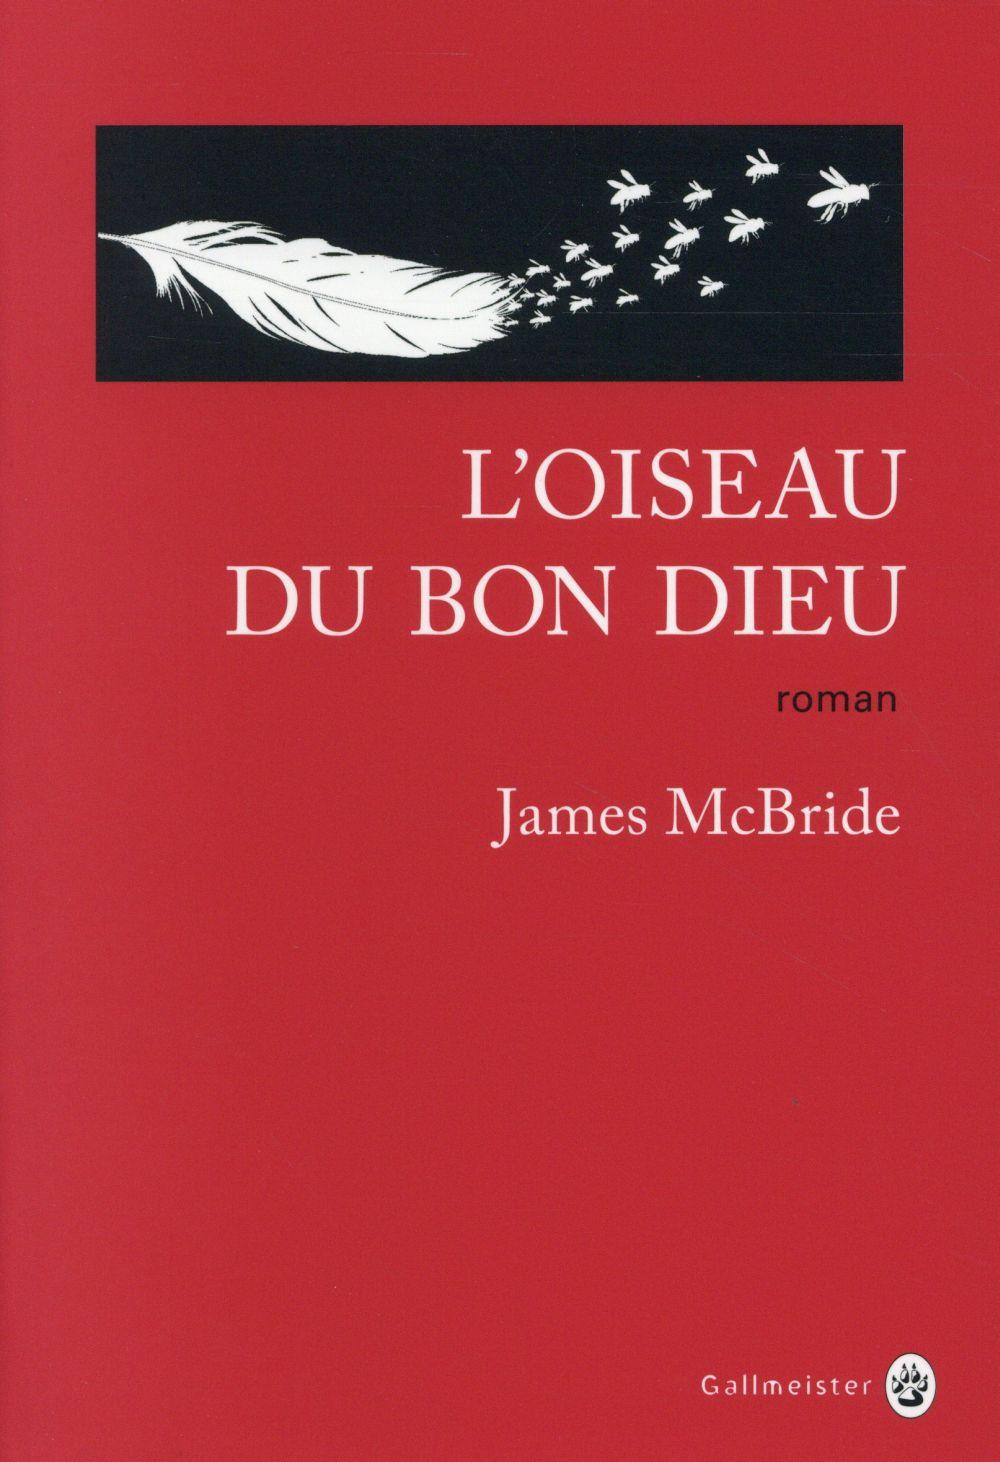 L'OISEAU DU BON DIEU McBride James Gallmeister